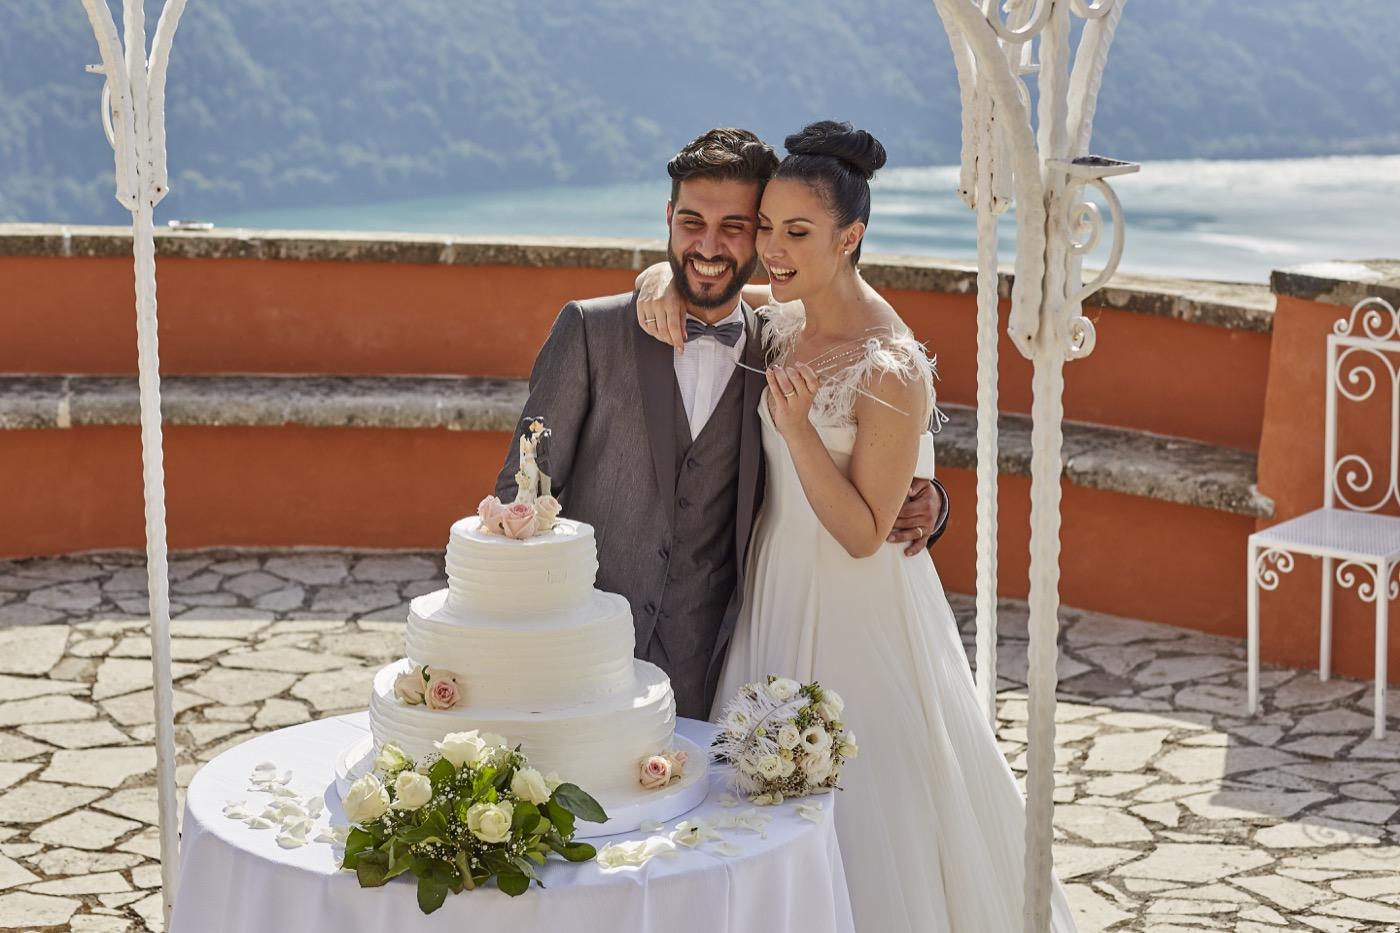 Claudio-Coppola-wedding-photographer-villa-del-cardinale-rocca-di-papa-castel-gandolfo-68